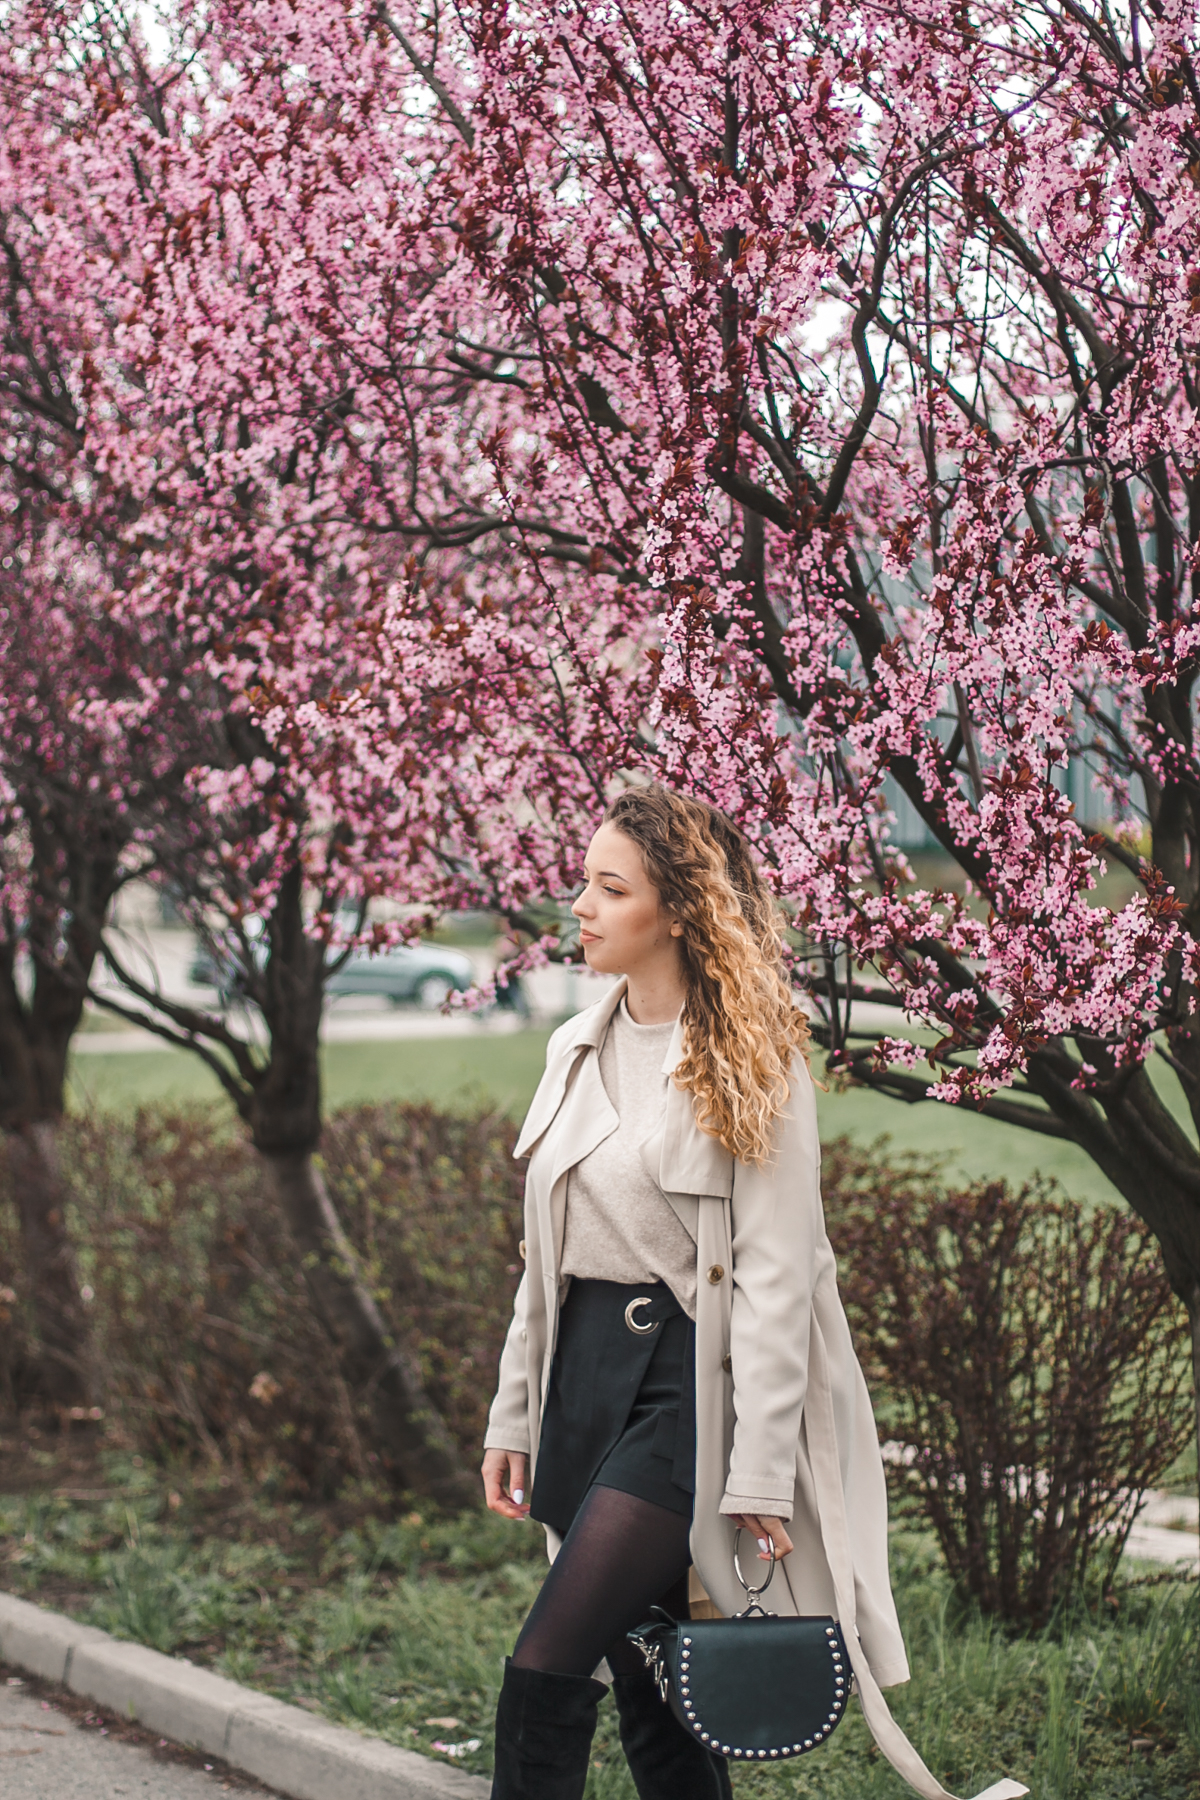 różowe drzewa w rzeszowie